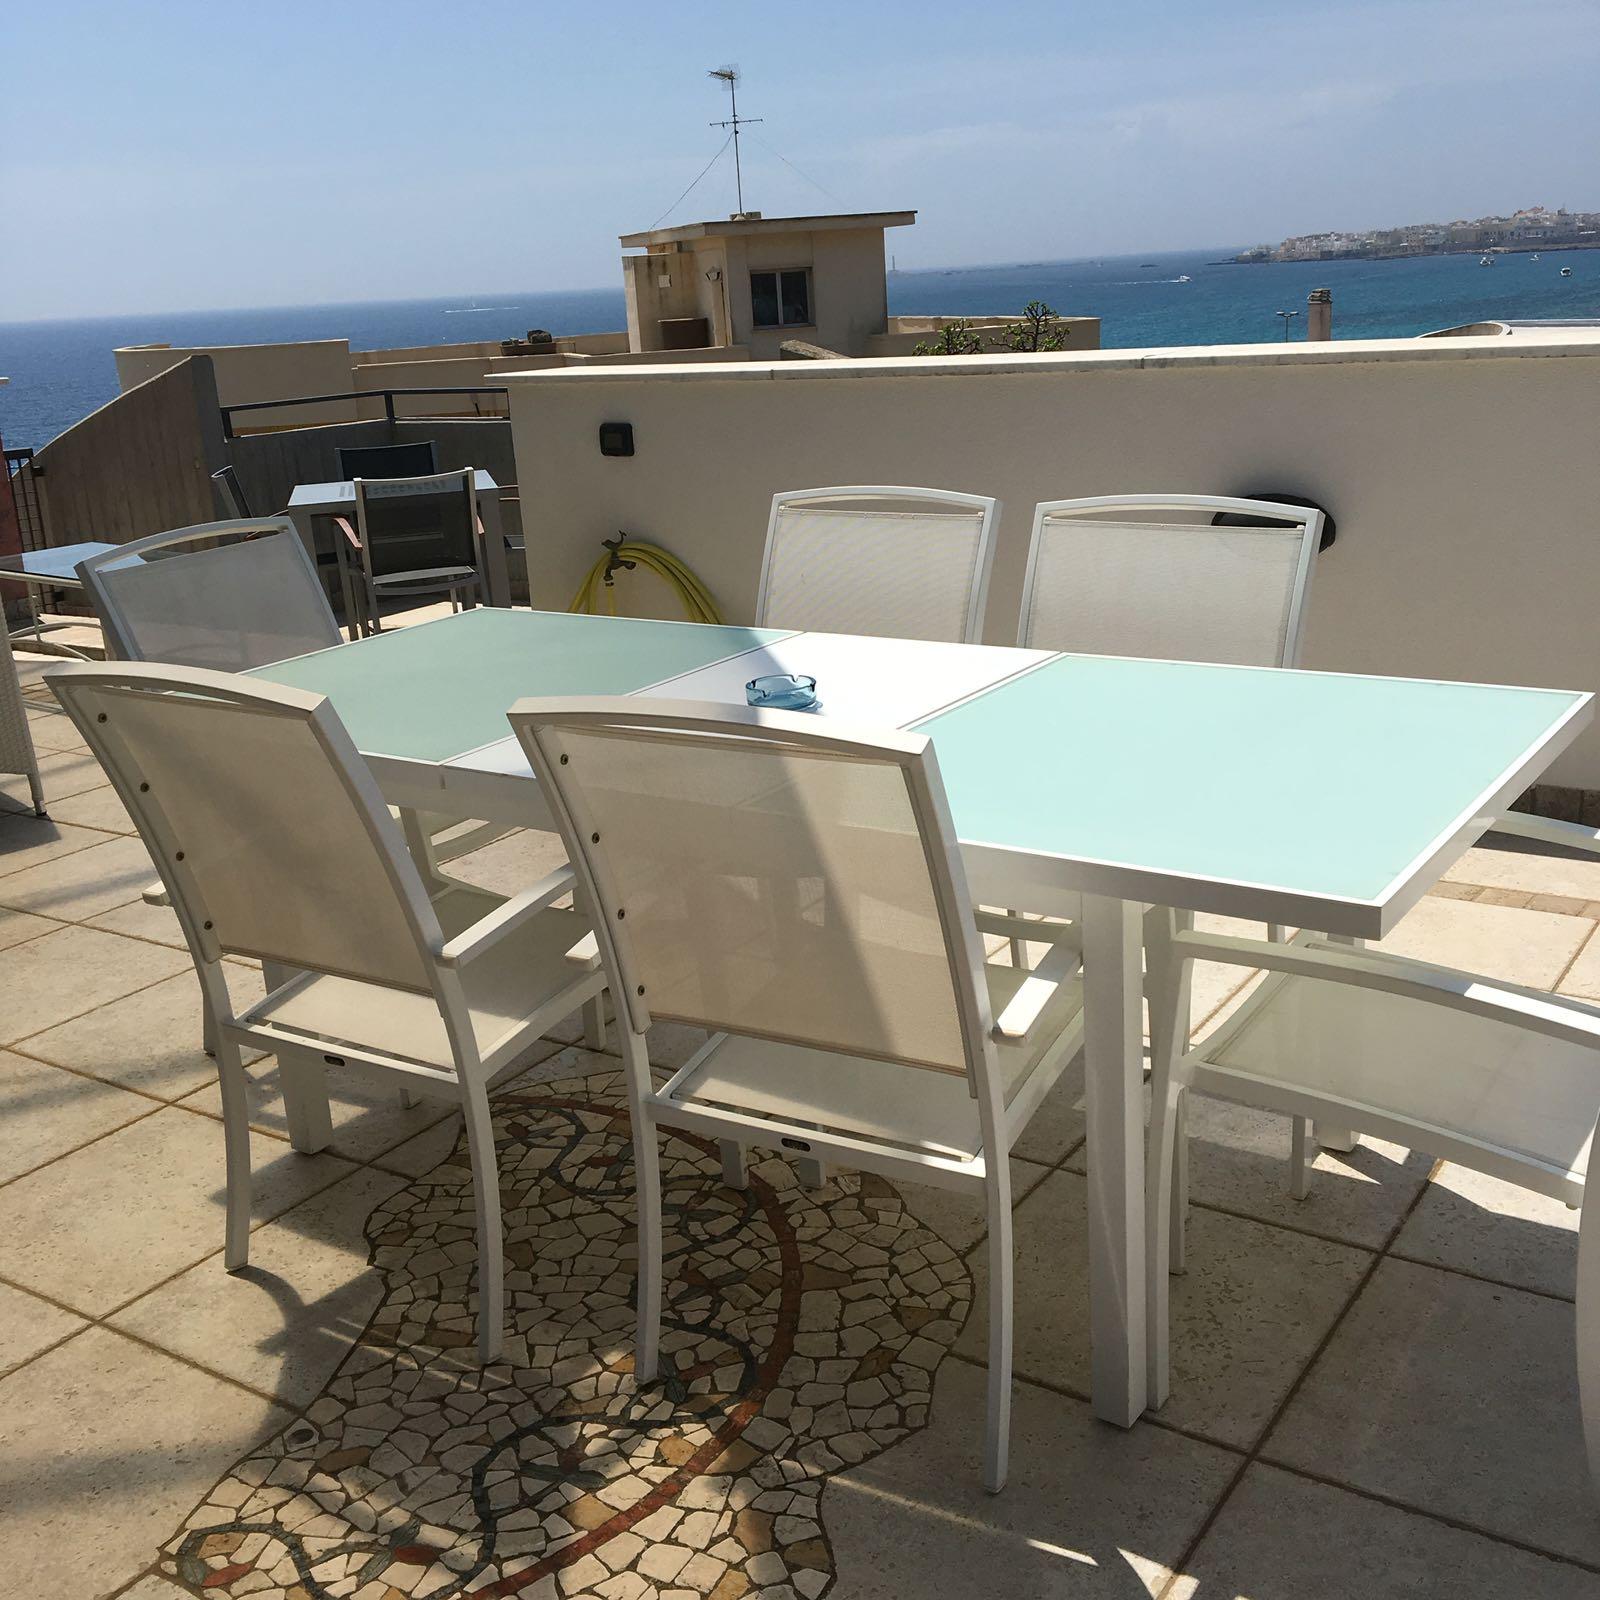 Tavolo esterno su terrazza